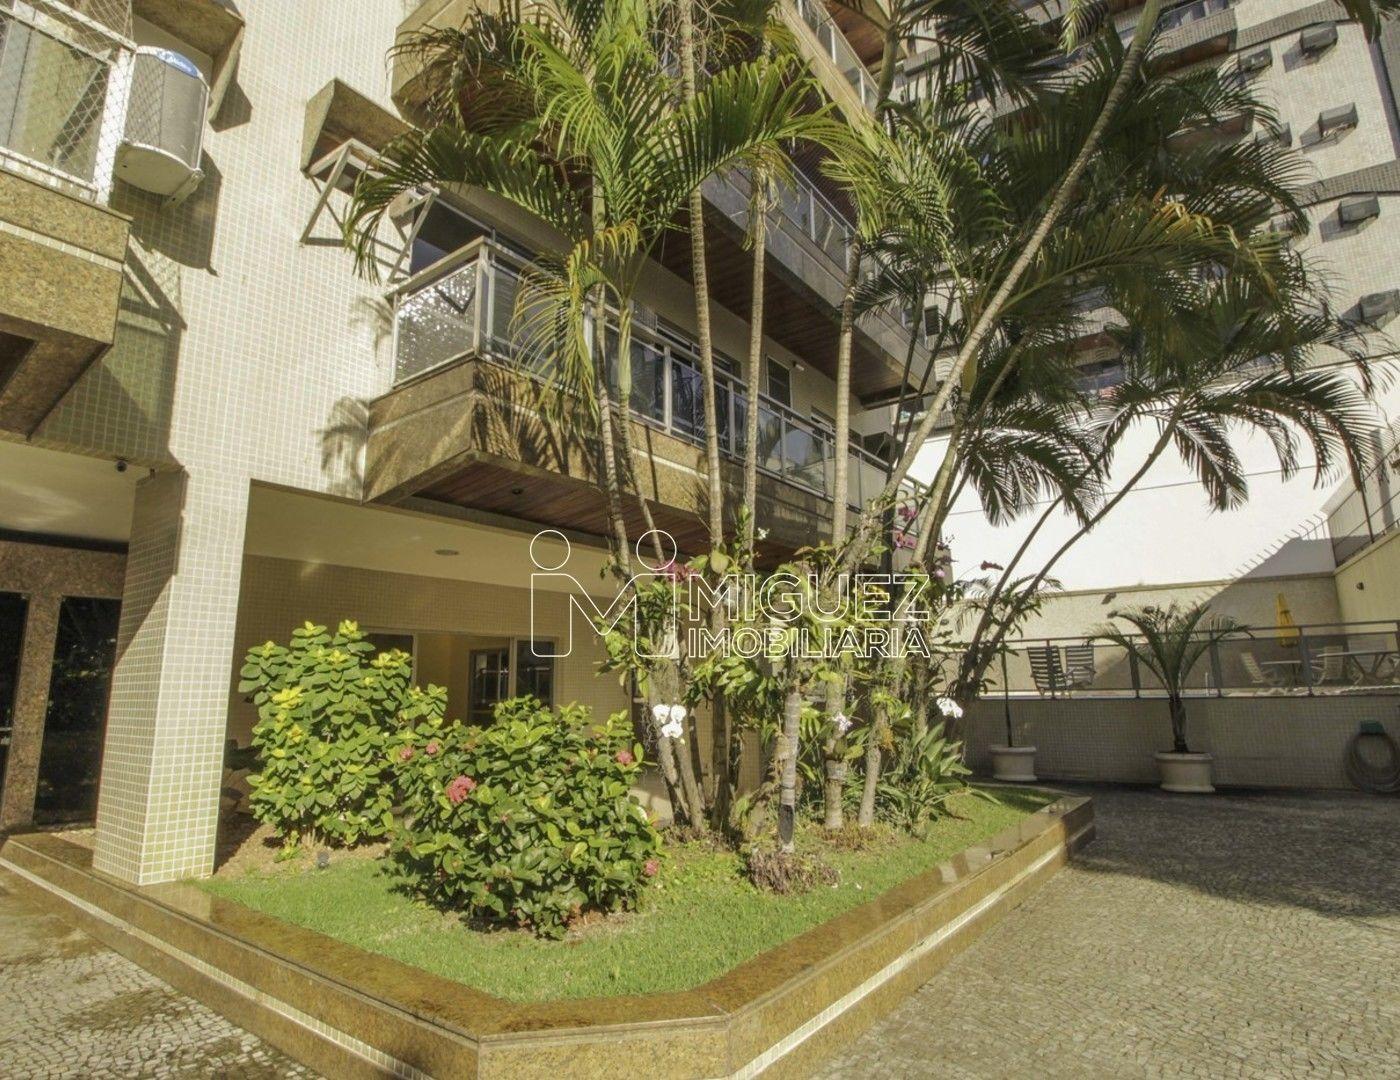 Apartamento, aluguel, Rua Fernandes Figueira - Tijuca , Rio de janeiro